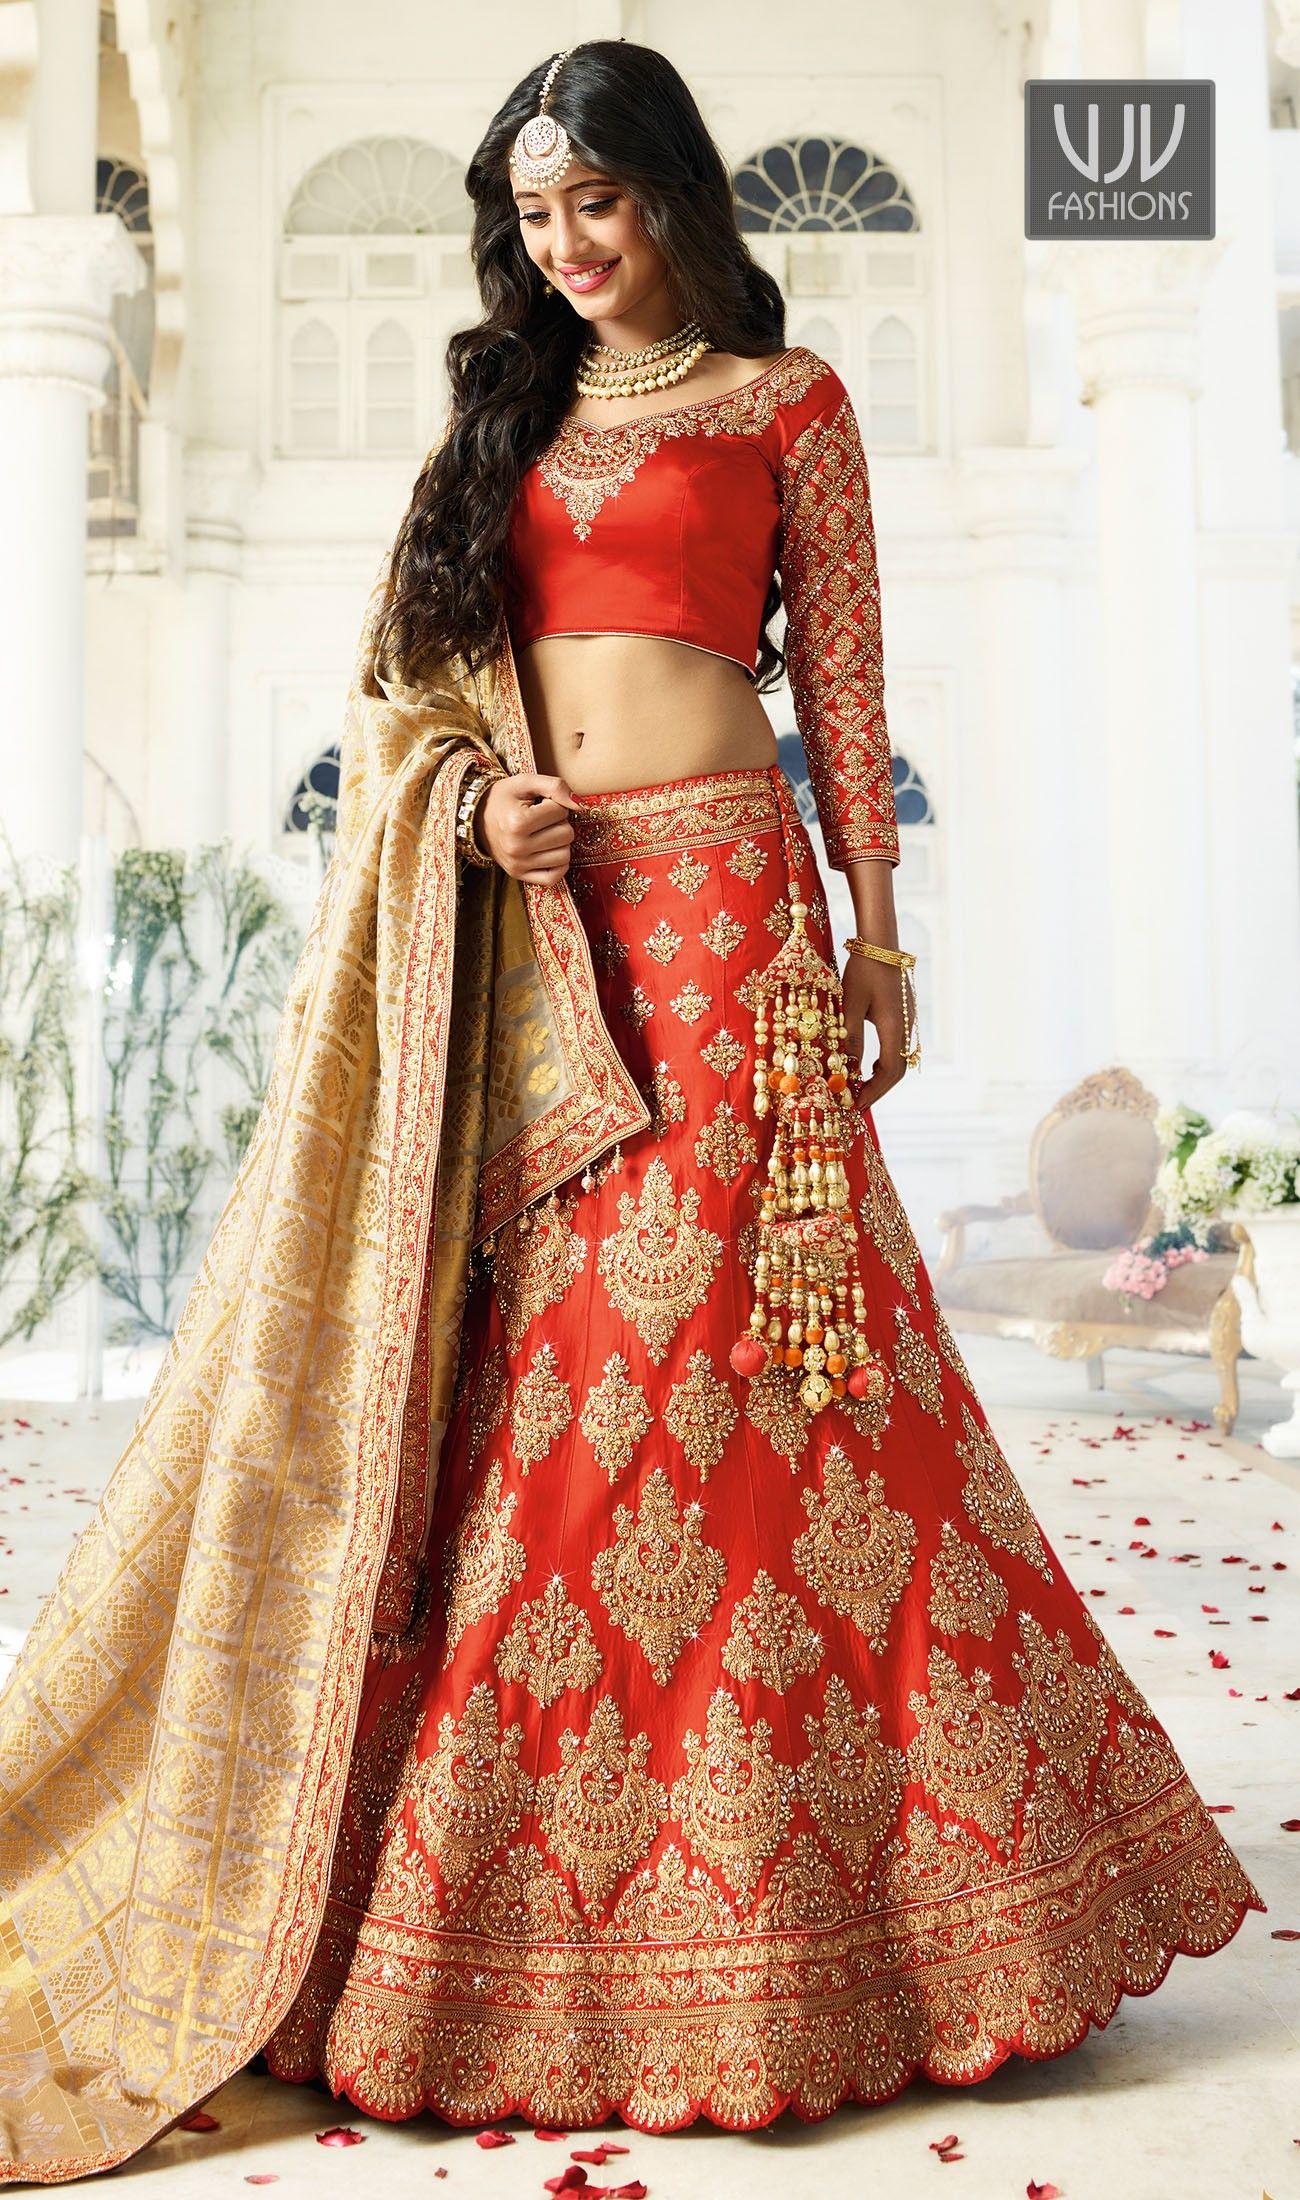 156ff1b6cb Shivangi Joshi Delightful Red Satin Designer Lehenga Choli Indian Wedding  Outfits, Wedding Attire, Indian